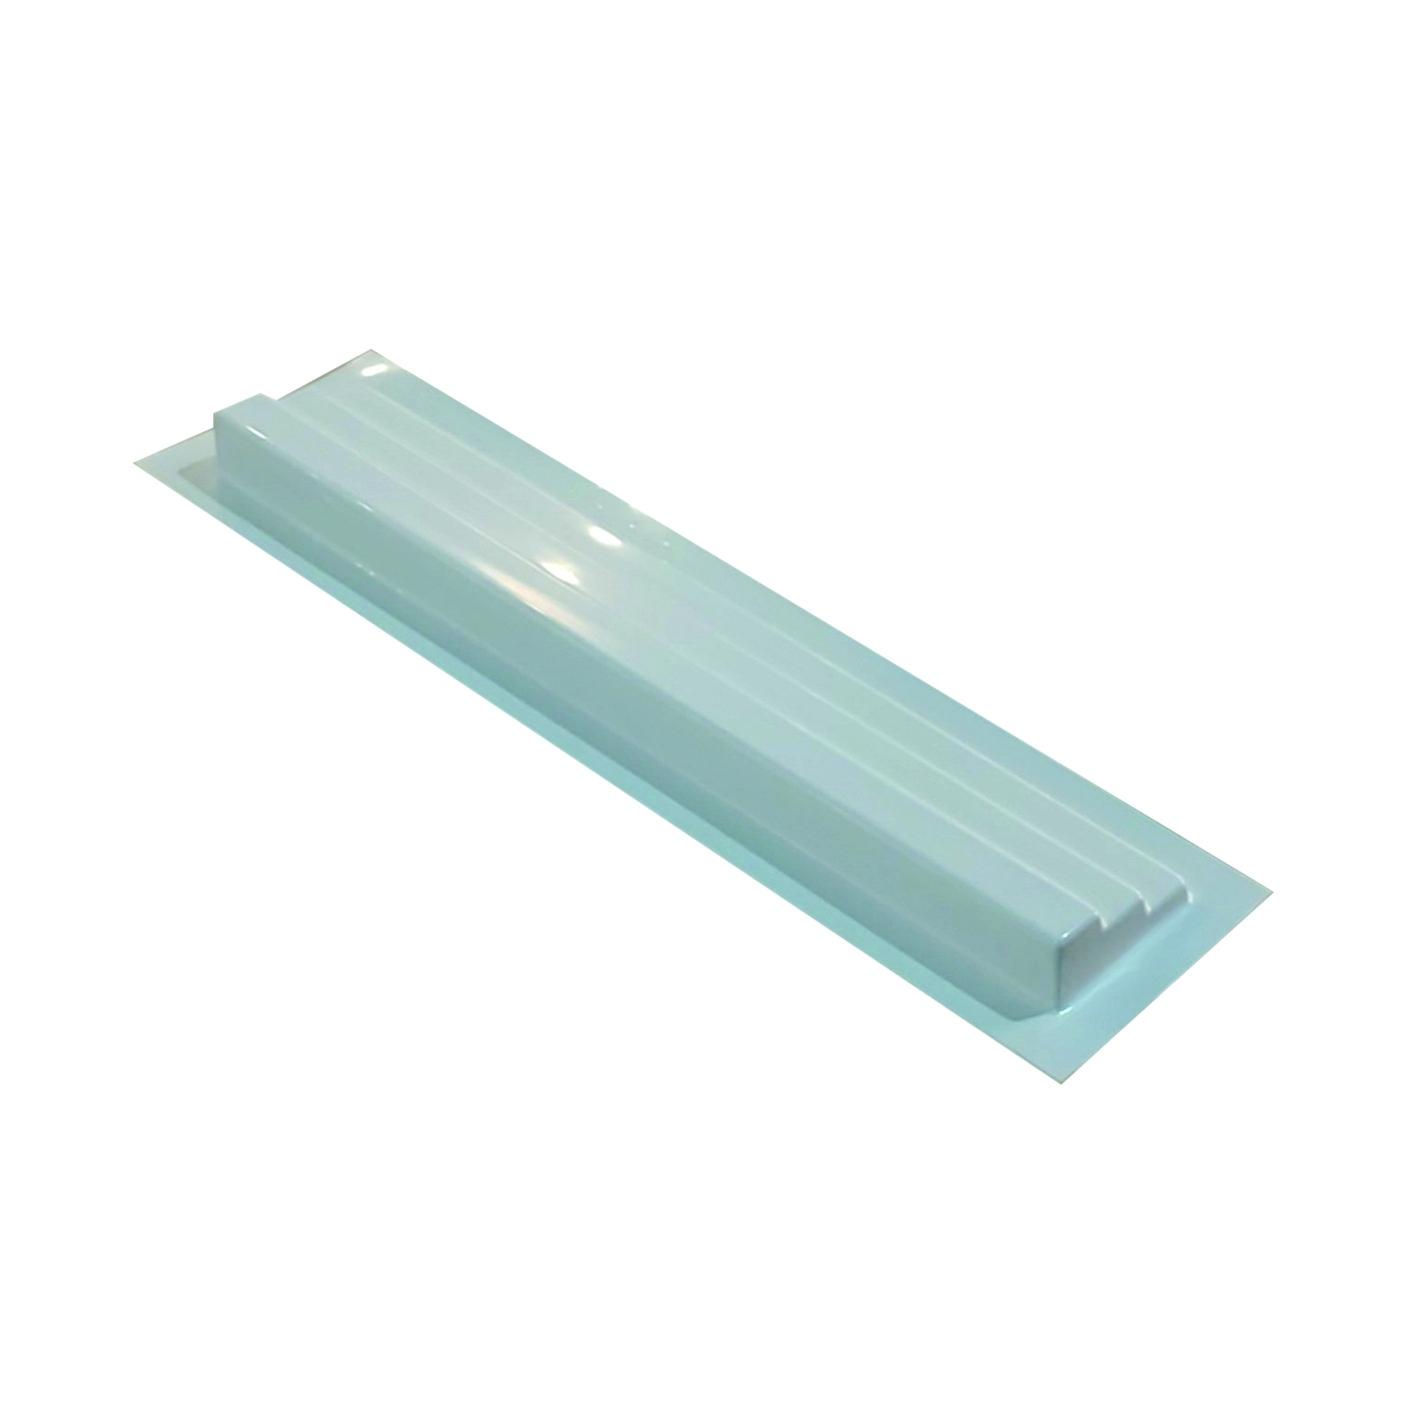 Forma para moldura de rodateto - MO0004- 1MM 8x3cm